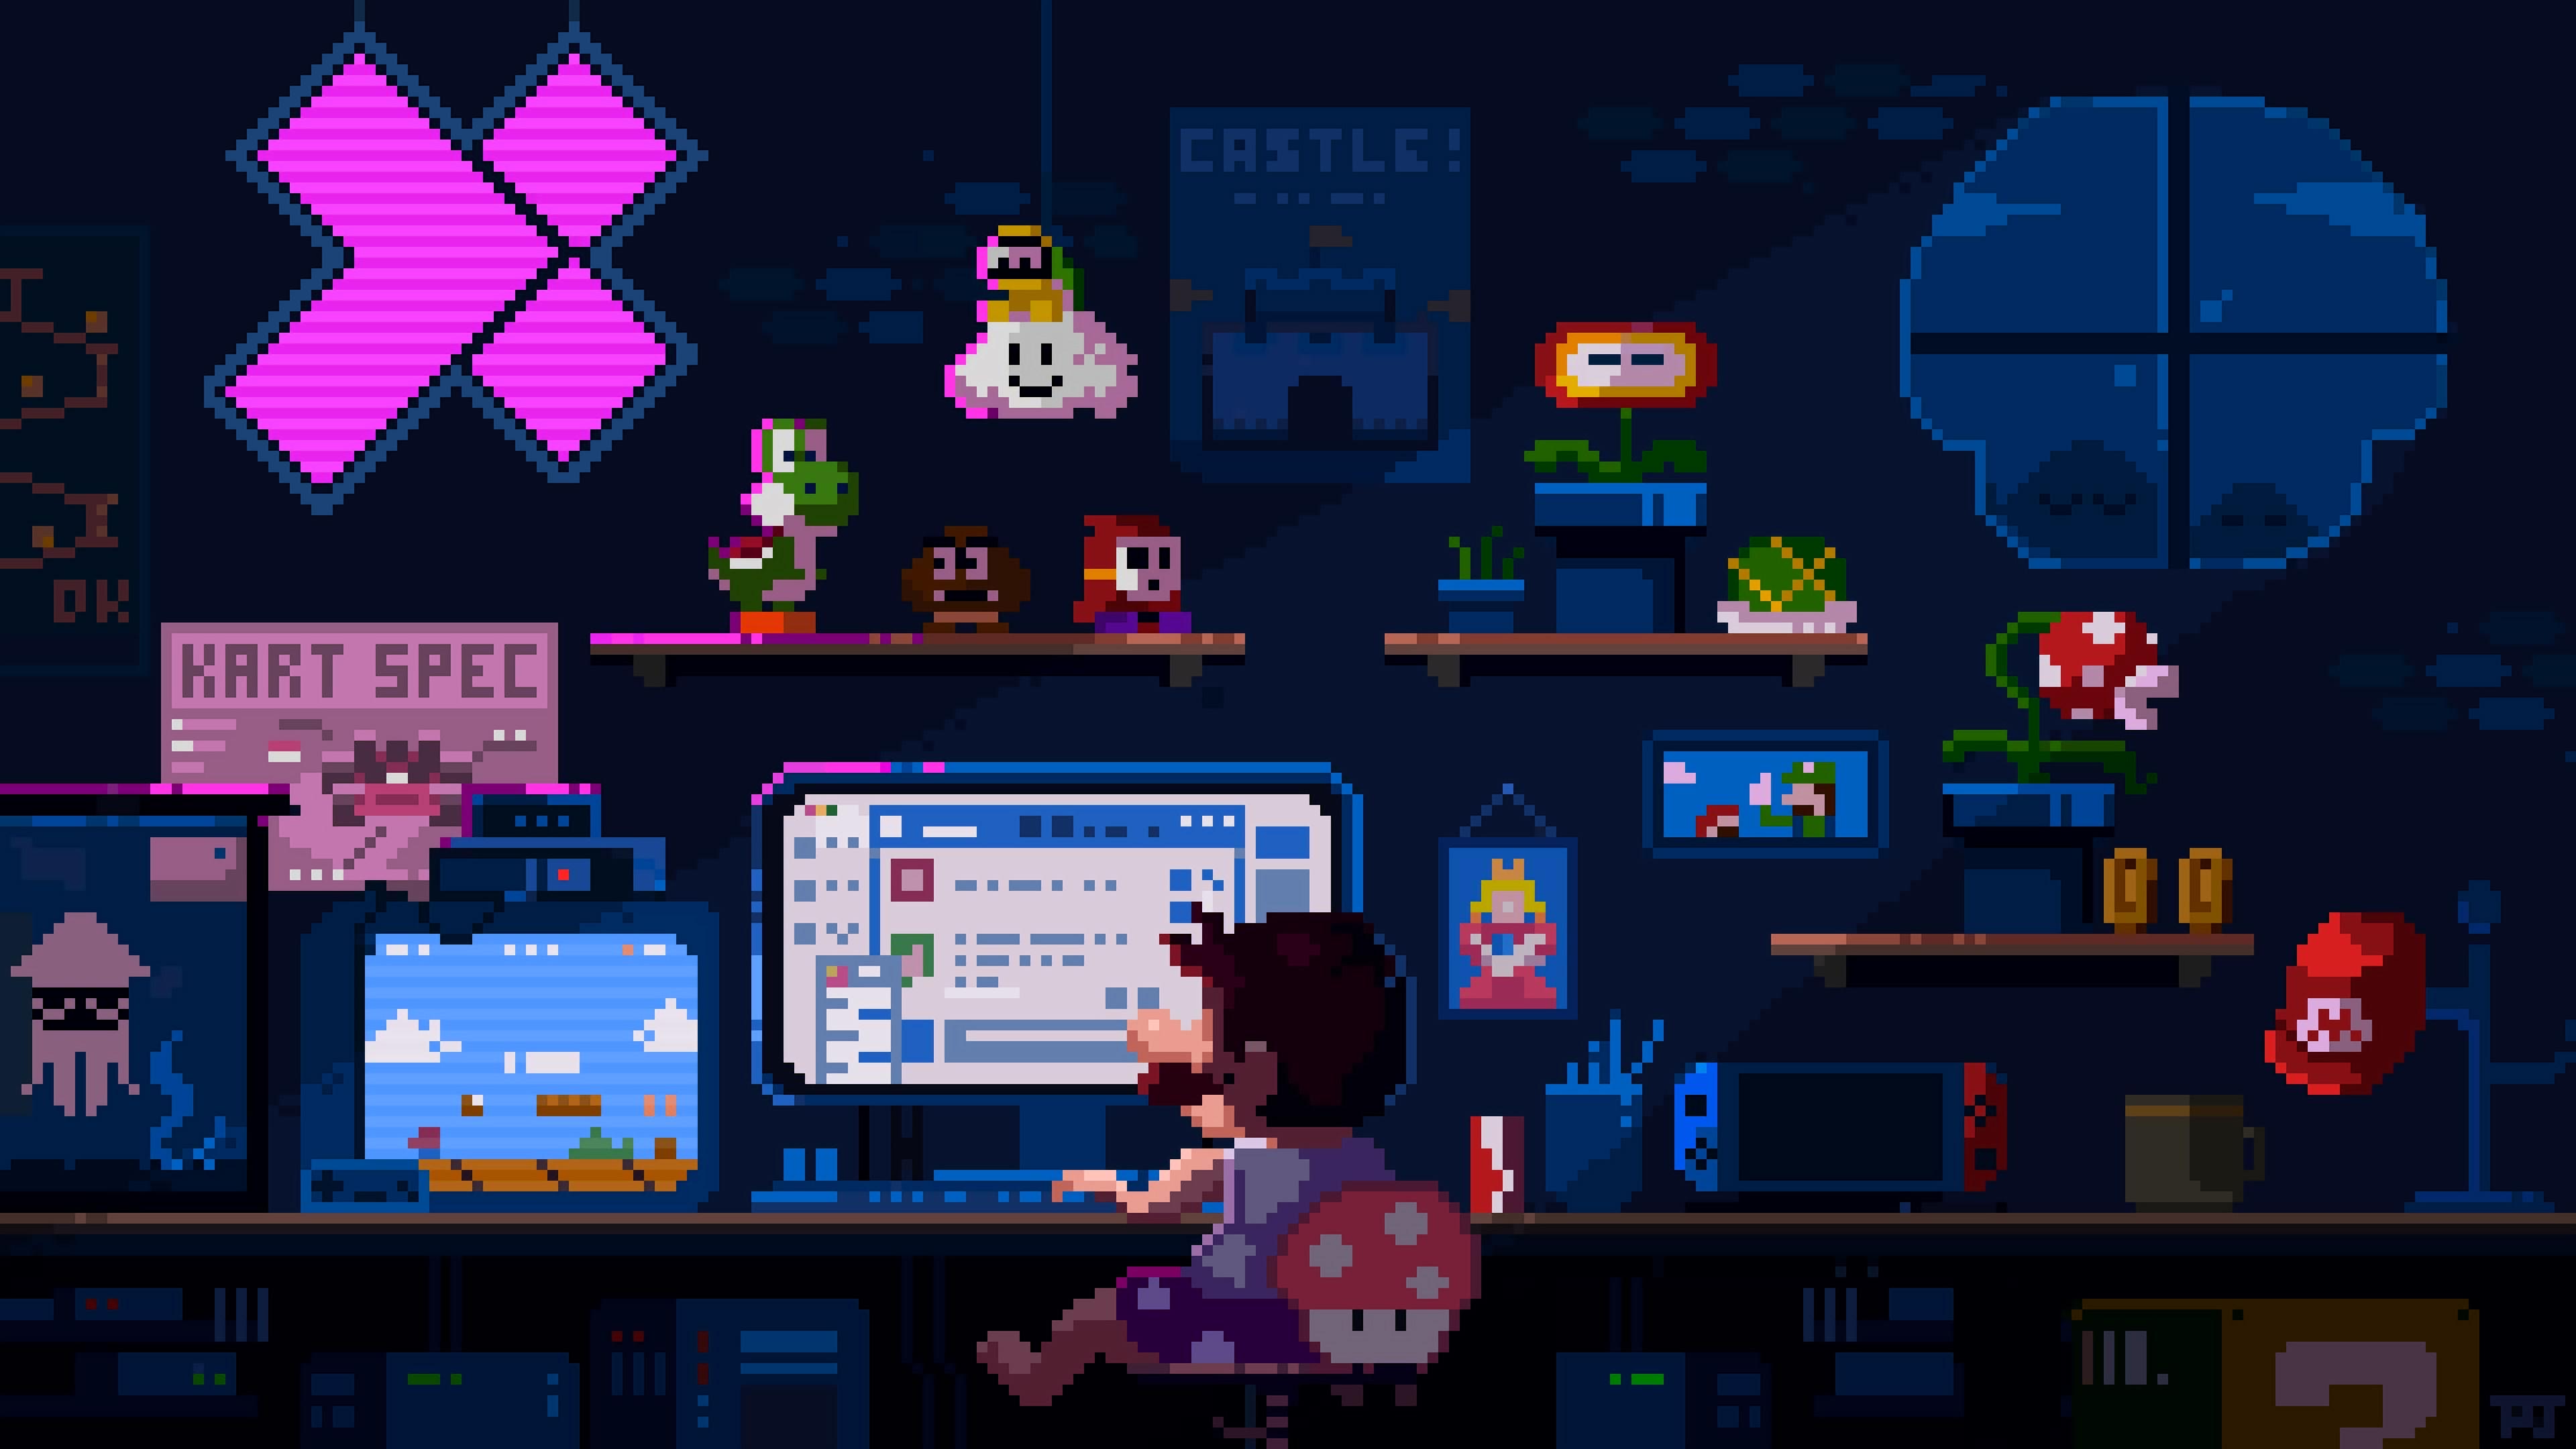 Mario's room [3840x2160] Desktop wallpaper, 4k desktop